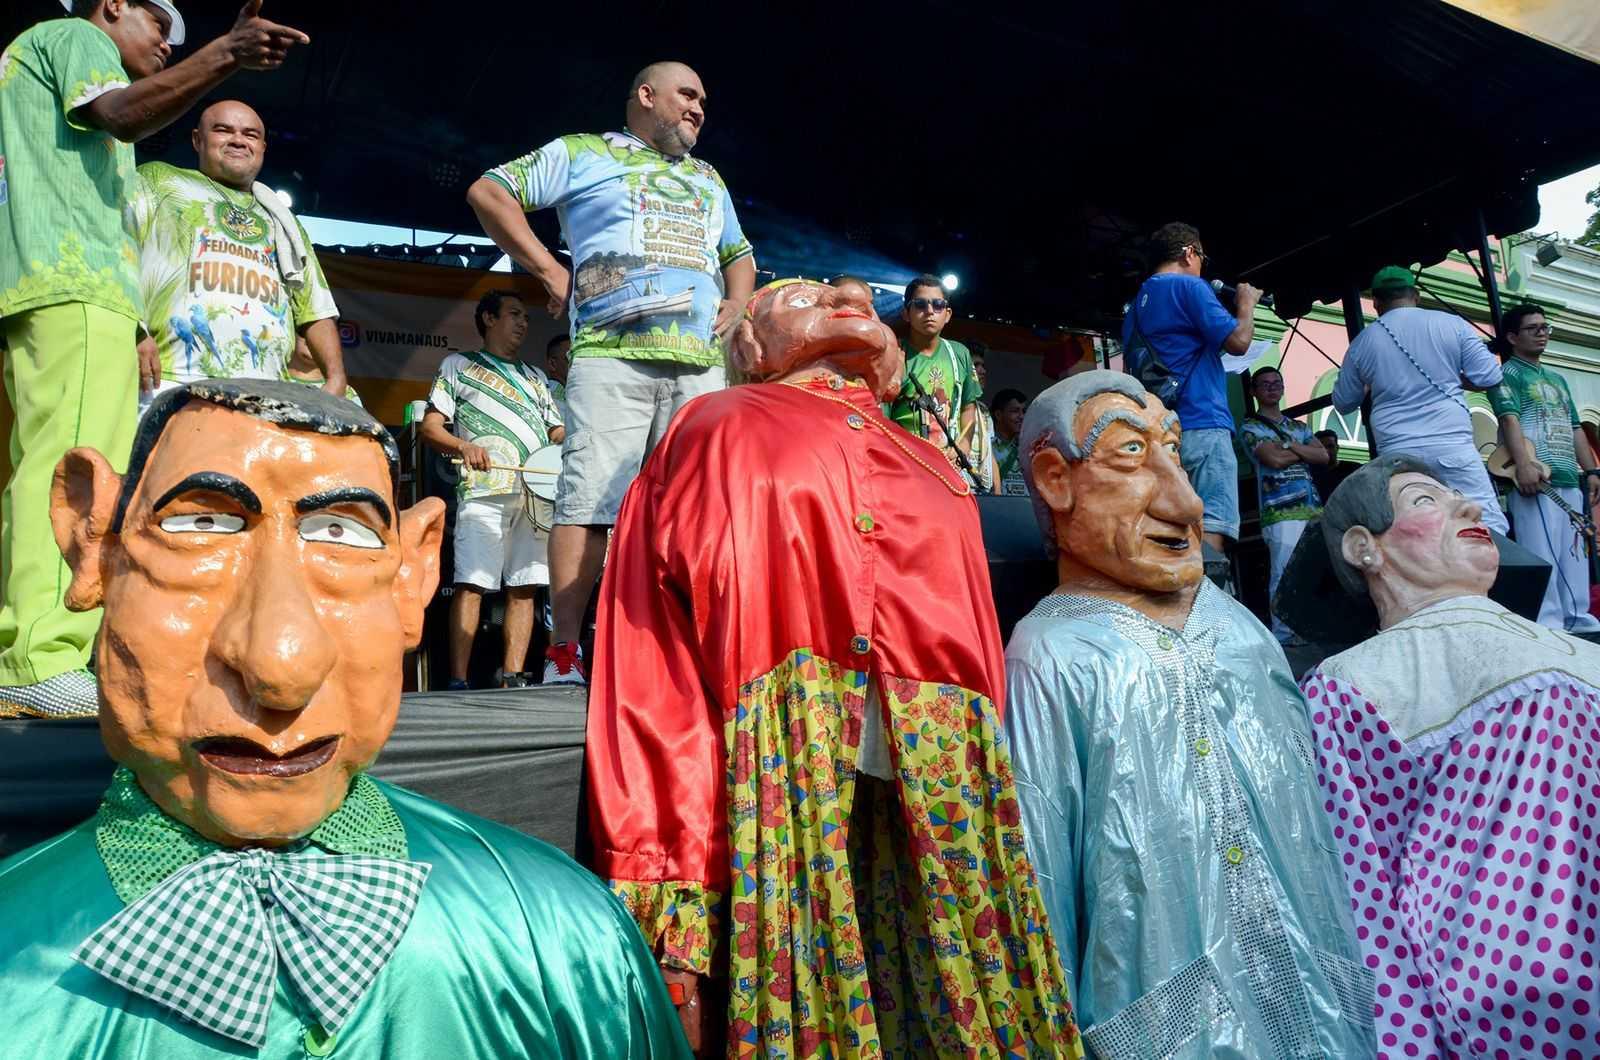 Letra da Banda da Bica 2018 faz sátira com o troca-troca de governadores